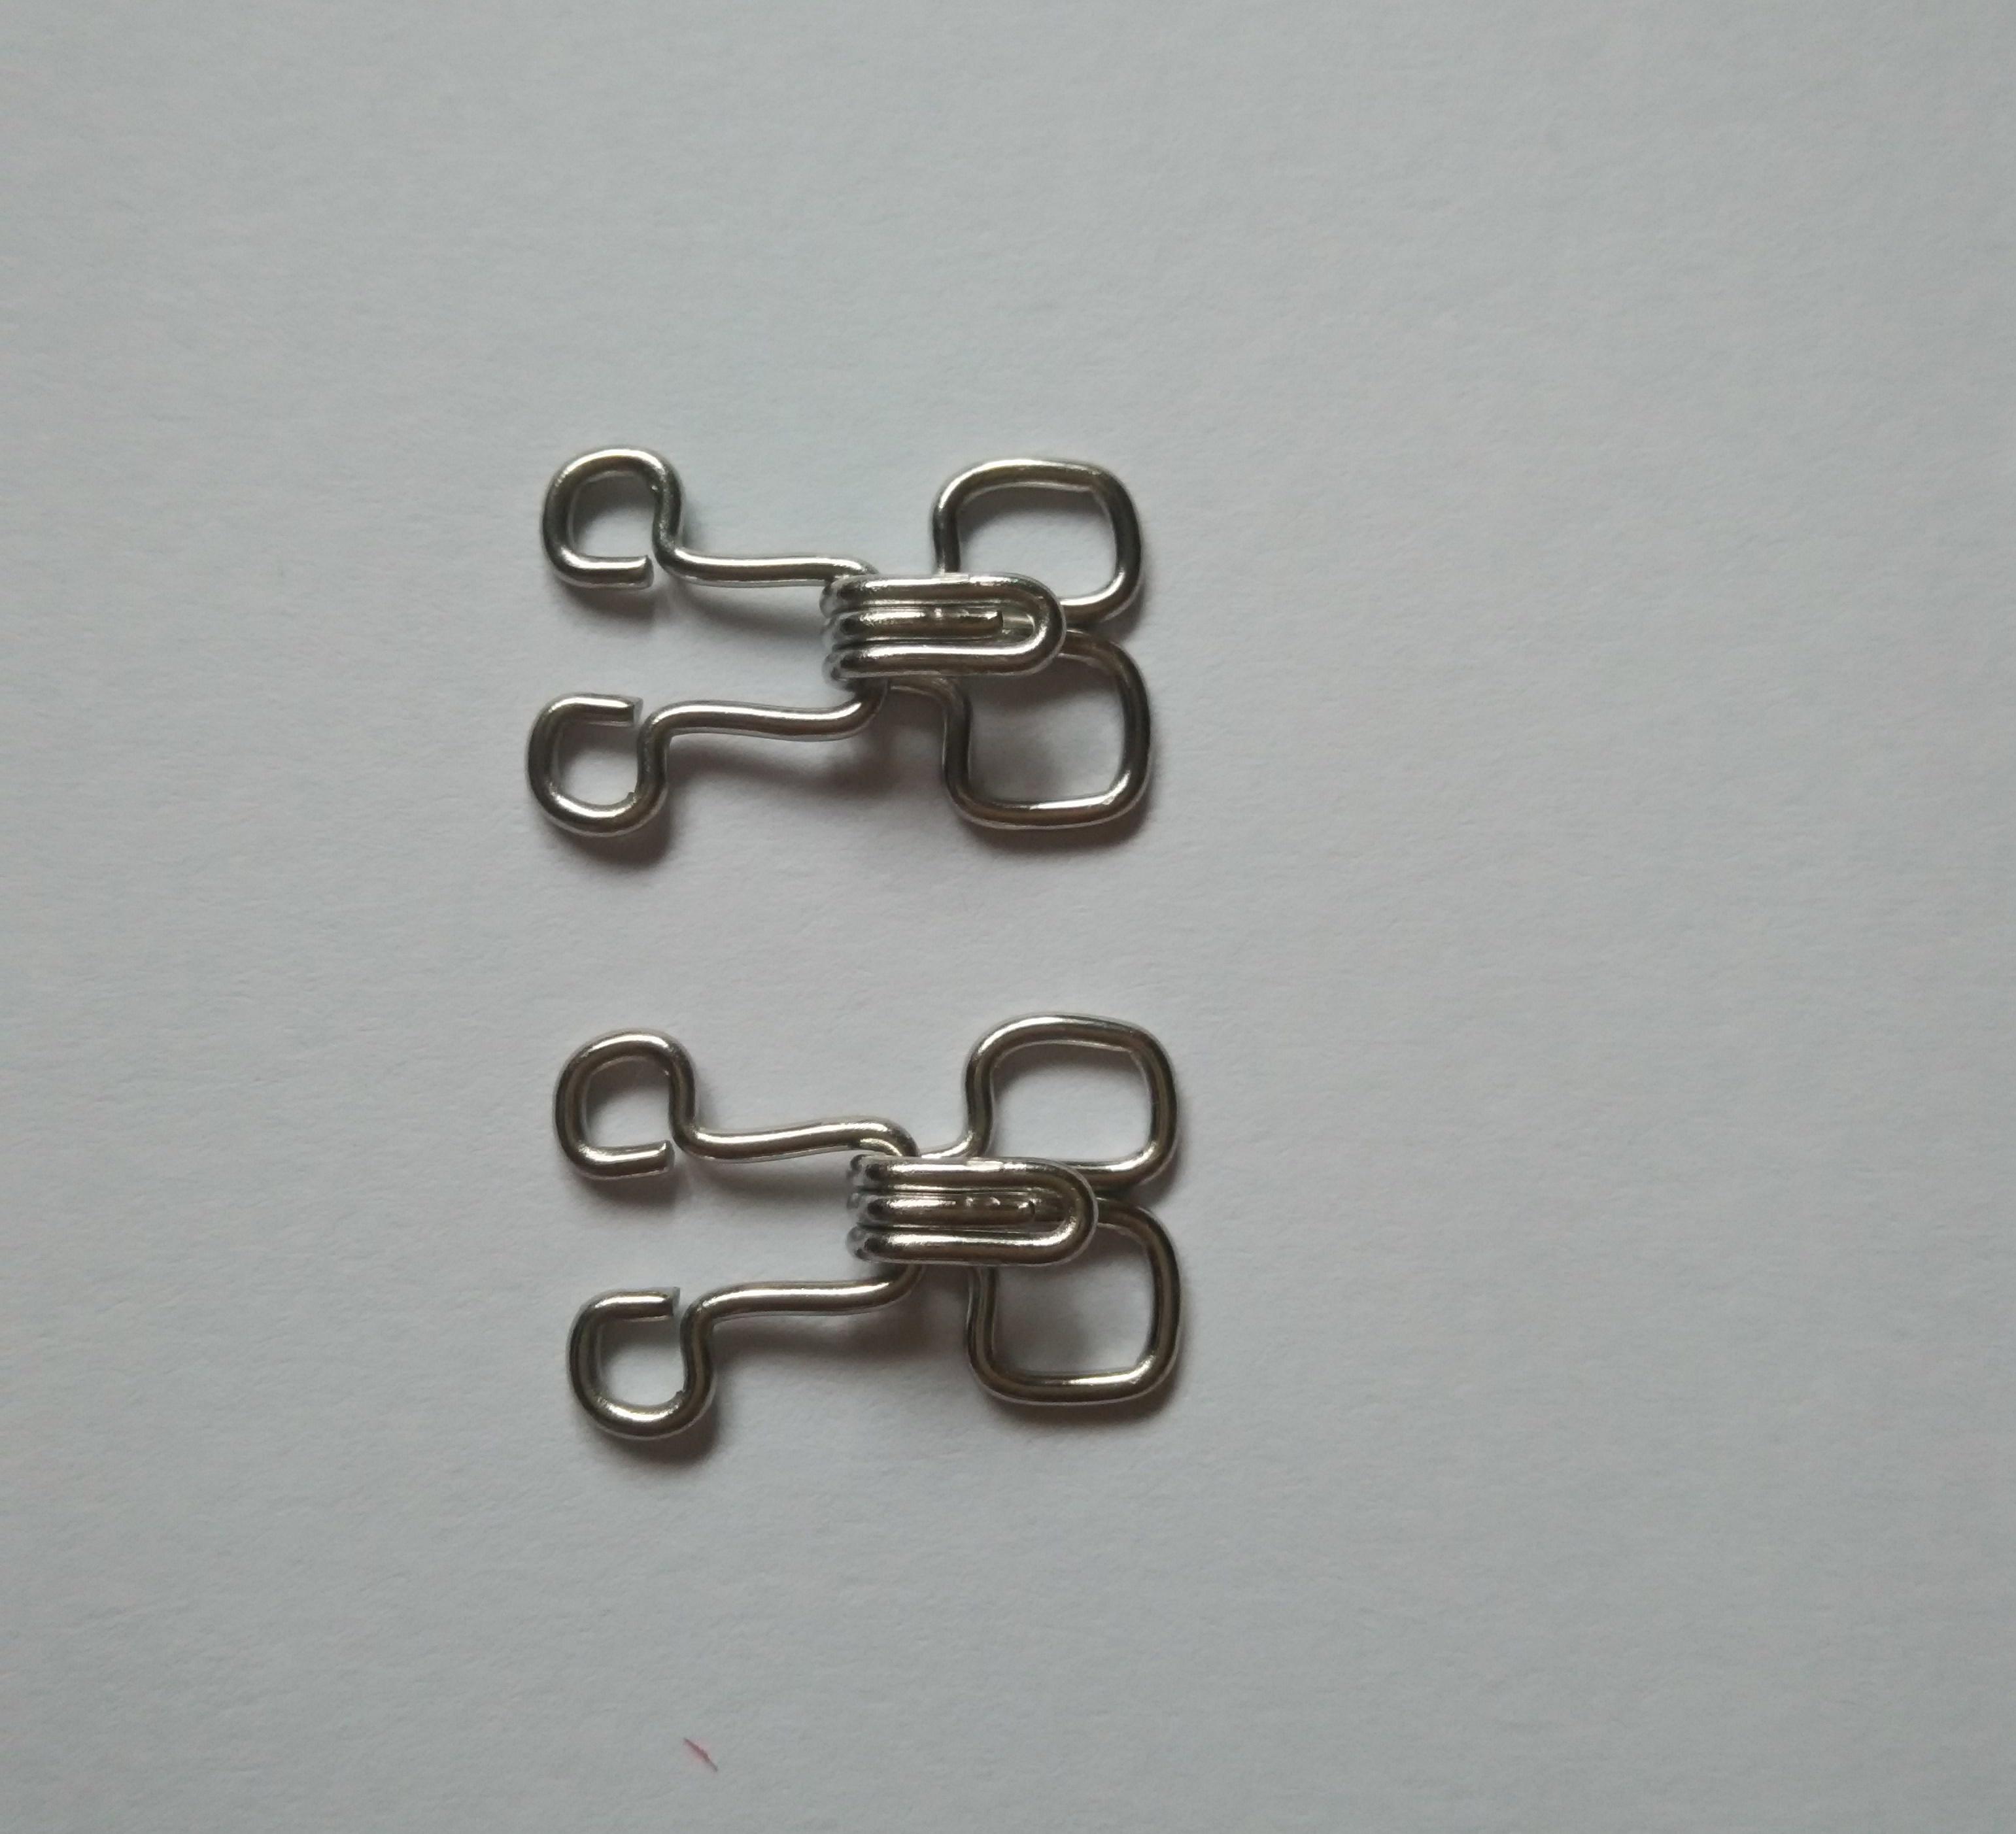 Heavy gauge 1.0mm stainless steel hook and eye metals